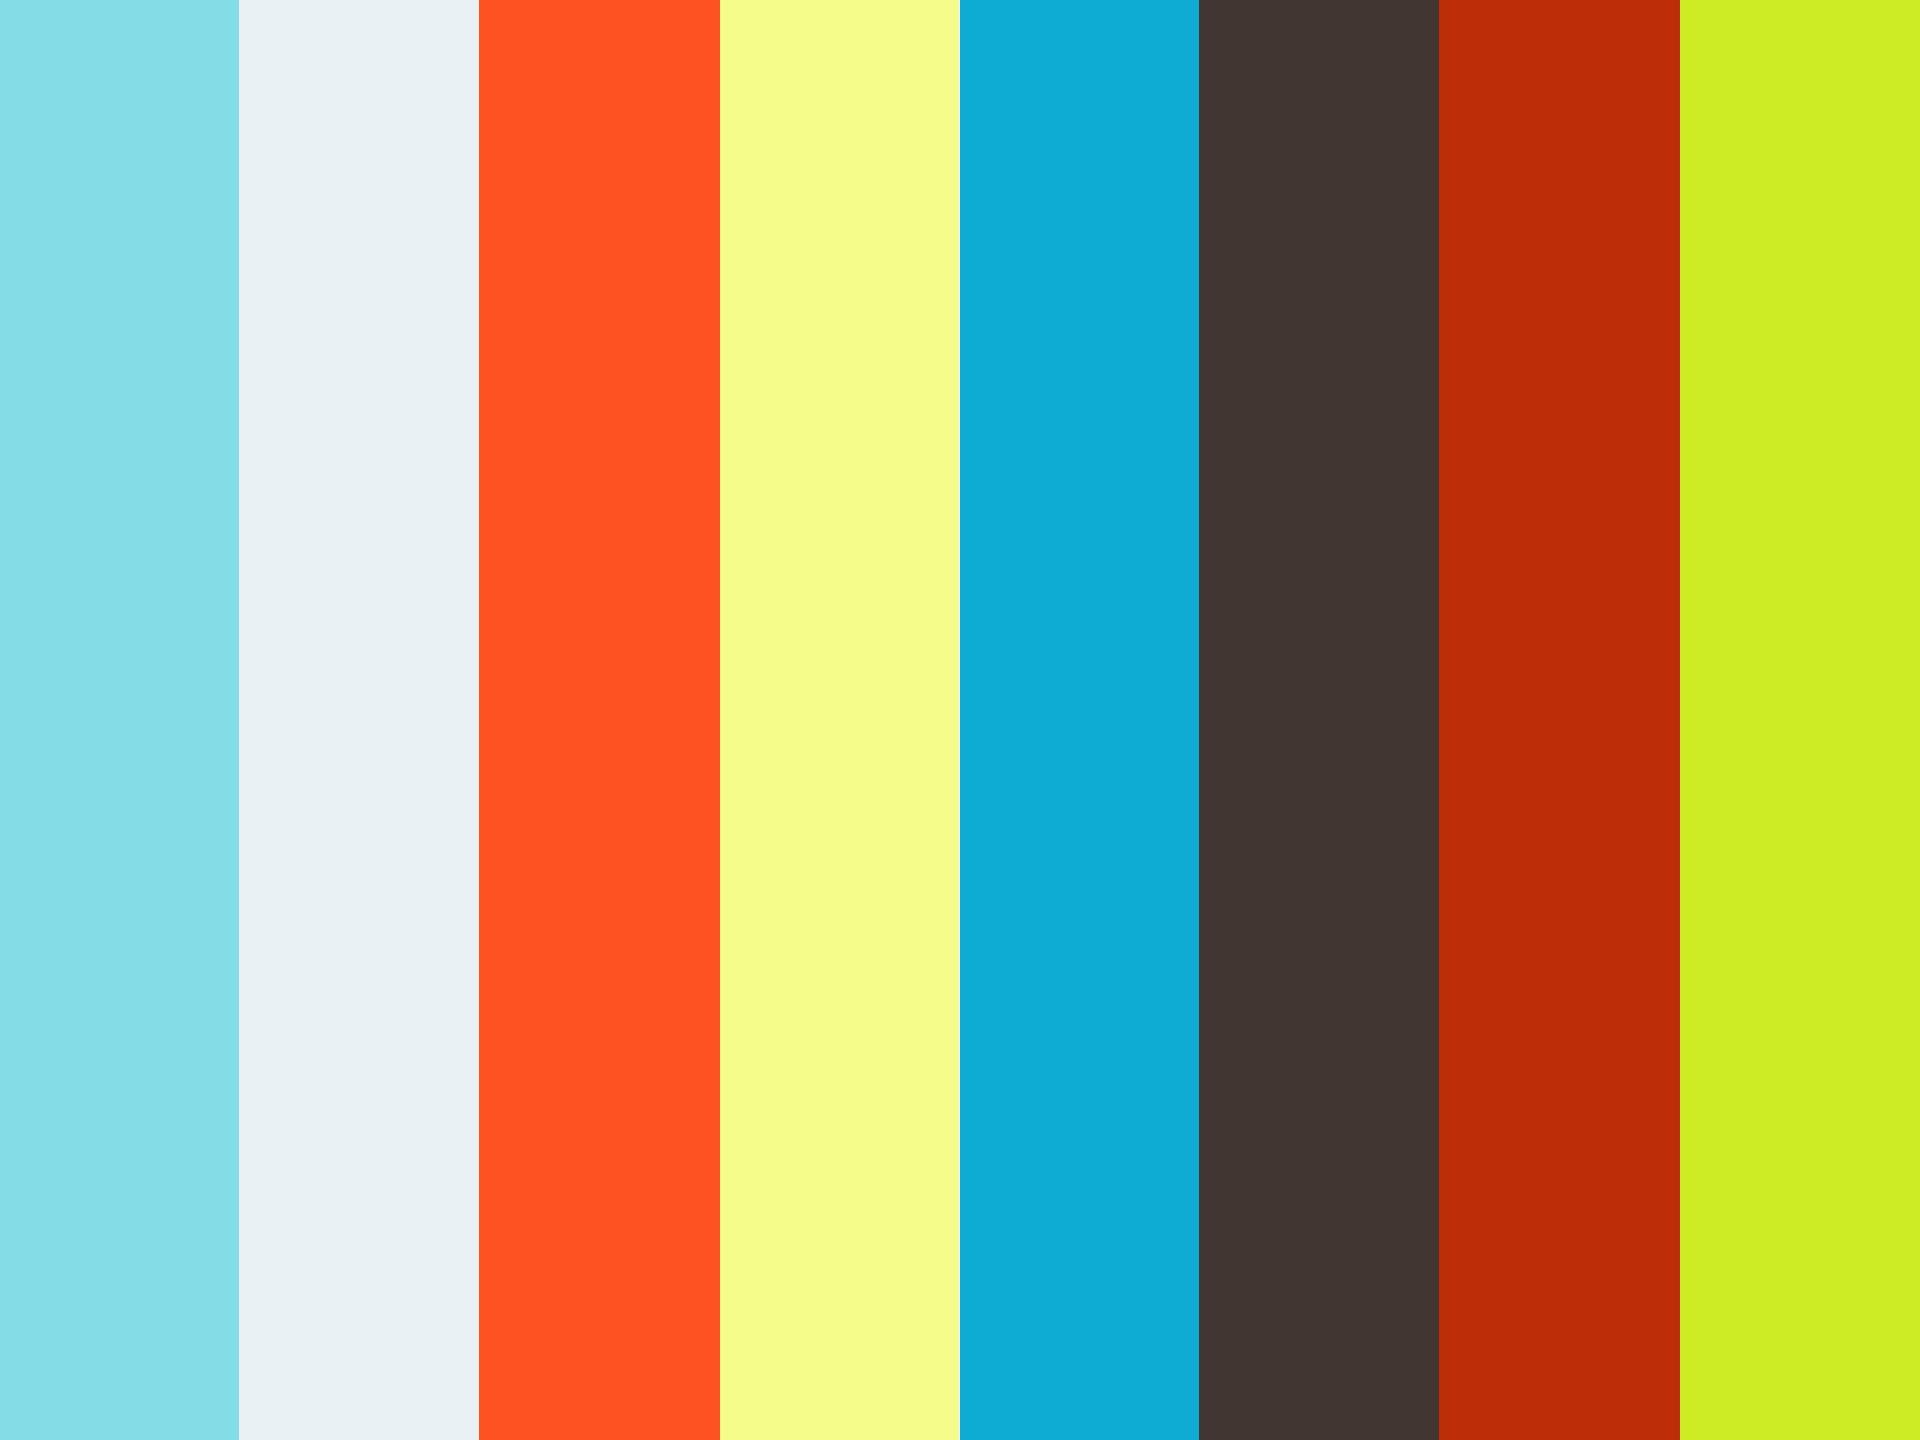 <span class=&quot;slidertitle largescreen&quot; style=&quot;color: #ffffff&quot;>NO REAL FRIENDS</span> <span class=&quot;slidertitle smallscreen&quot; style=&quot;color: #ffffff&quot;>WATCH VIDEO</span>